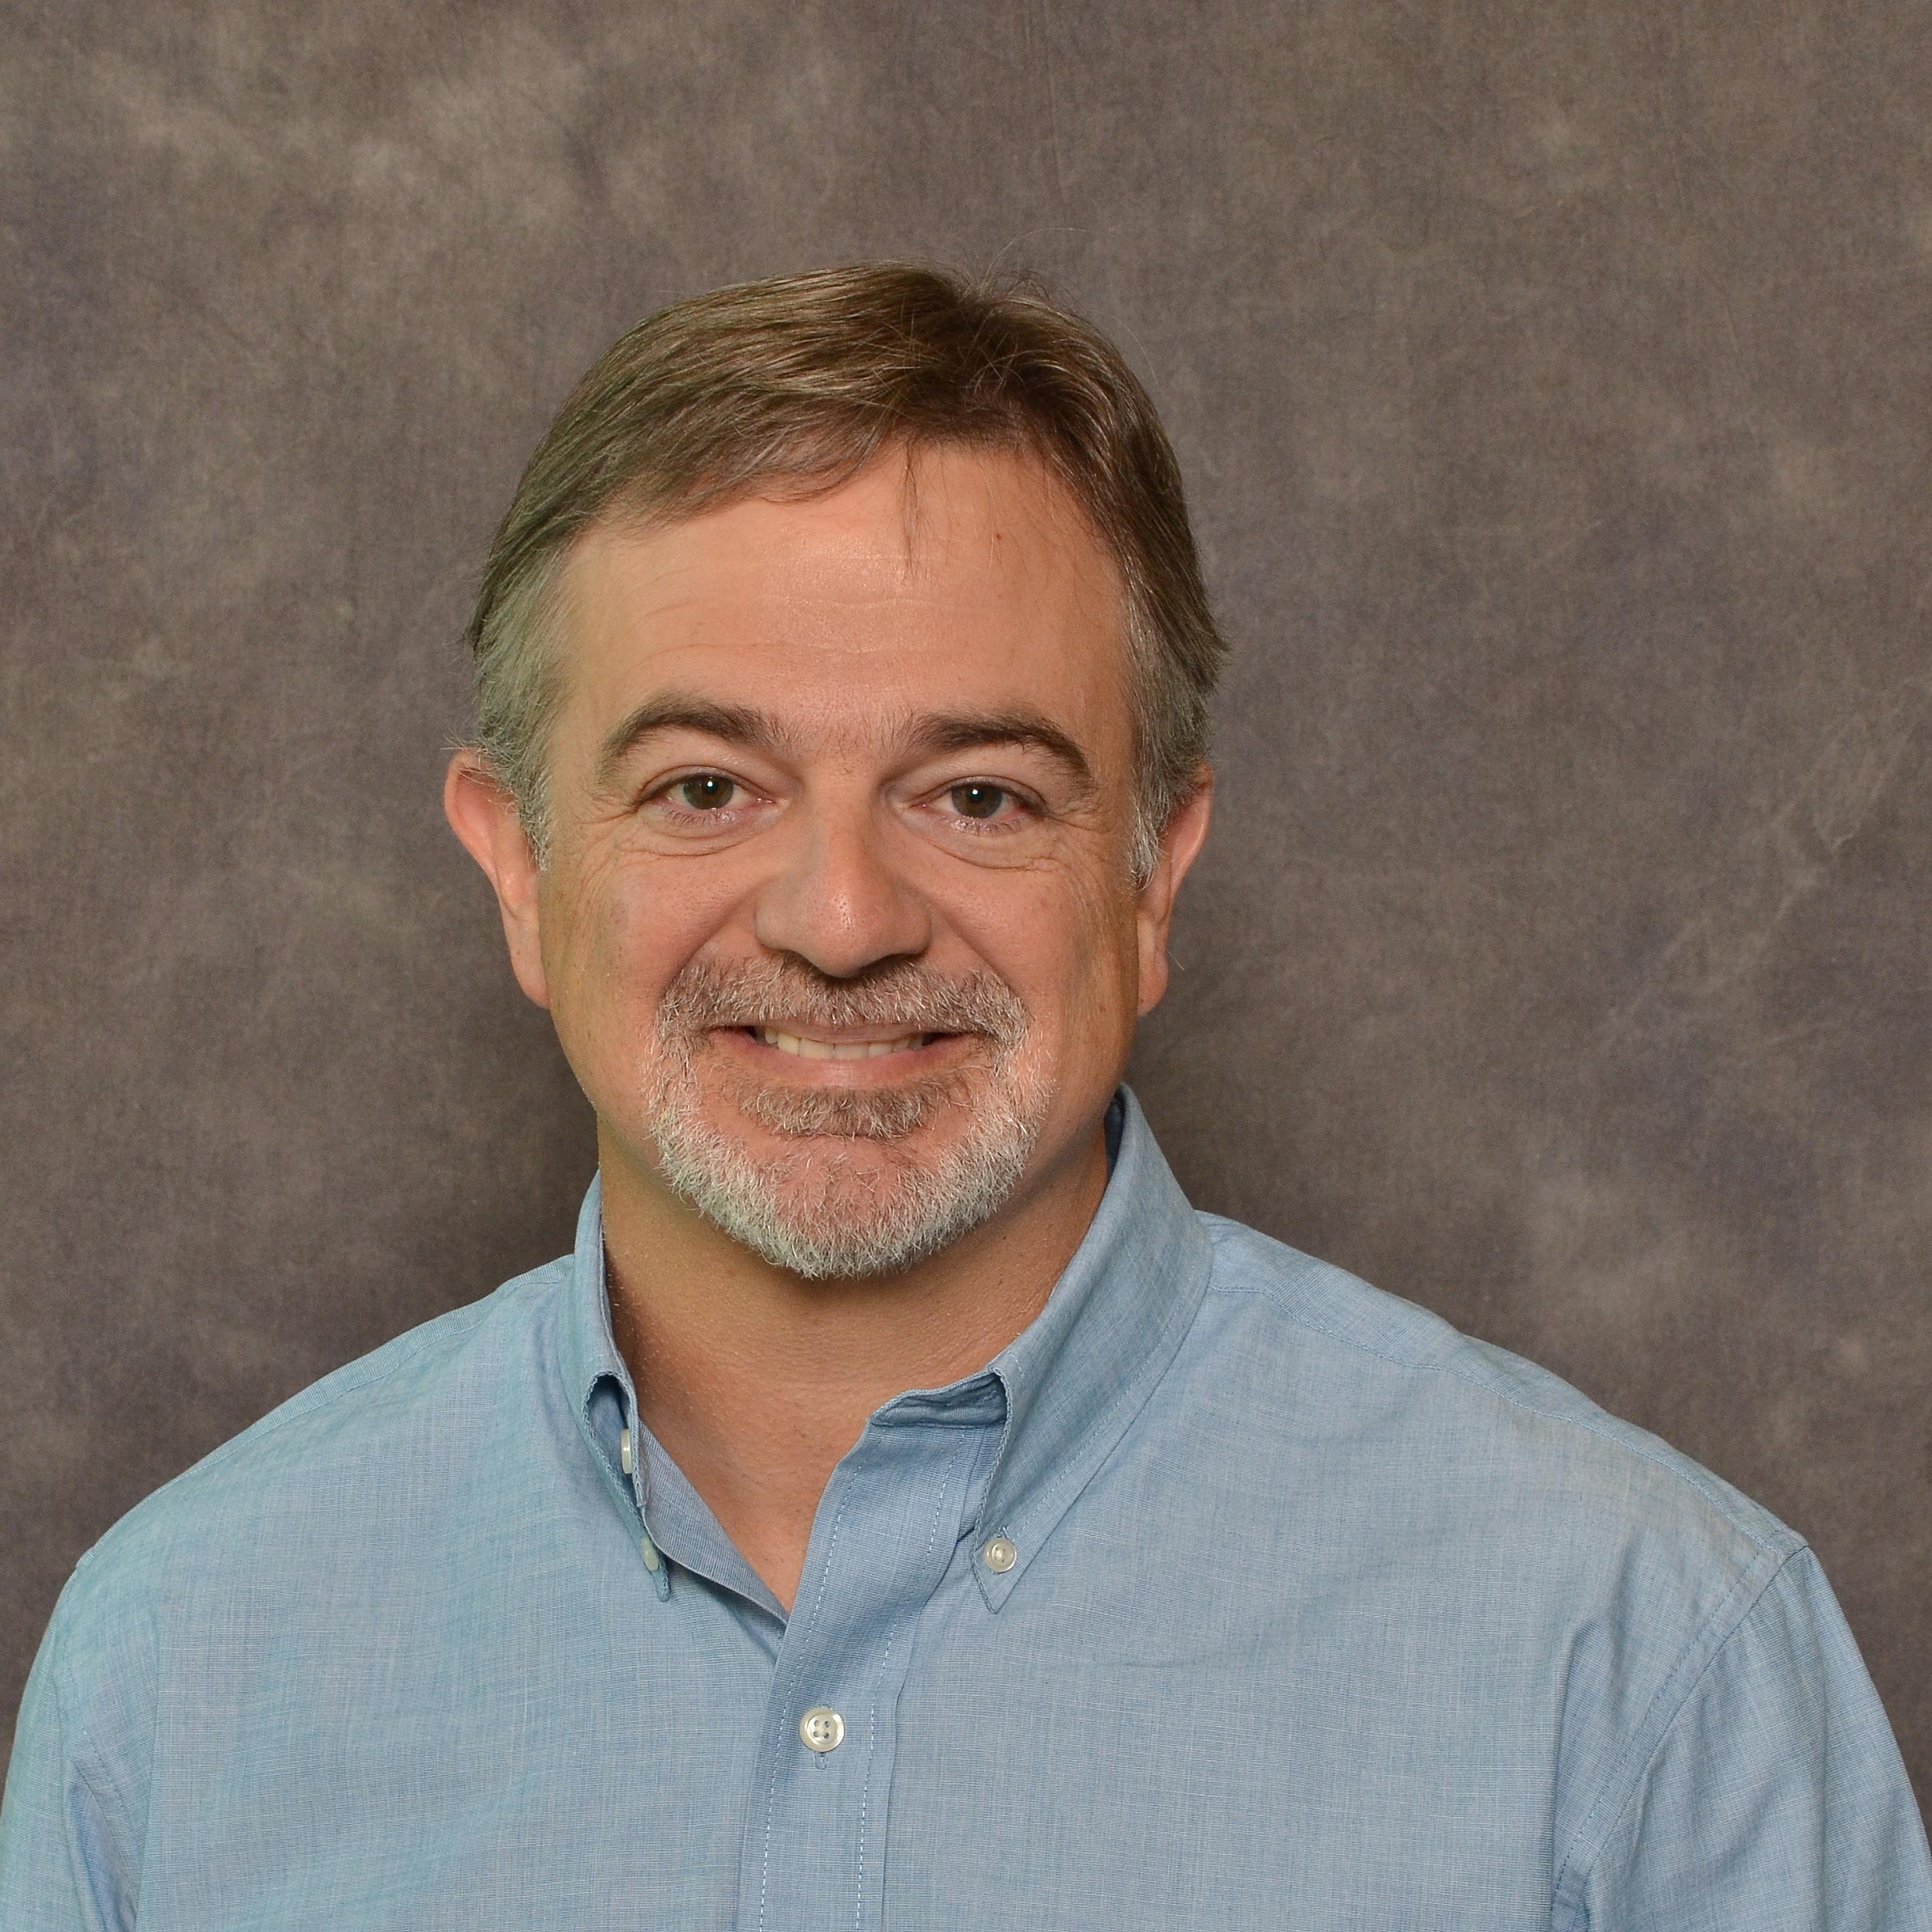 Dr. Ric Minudri